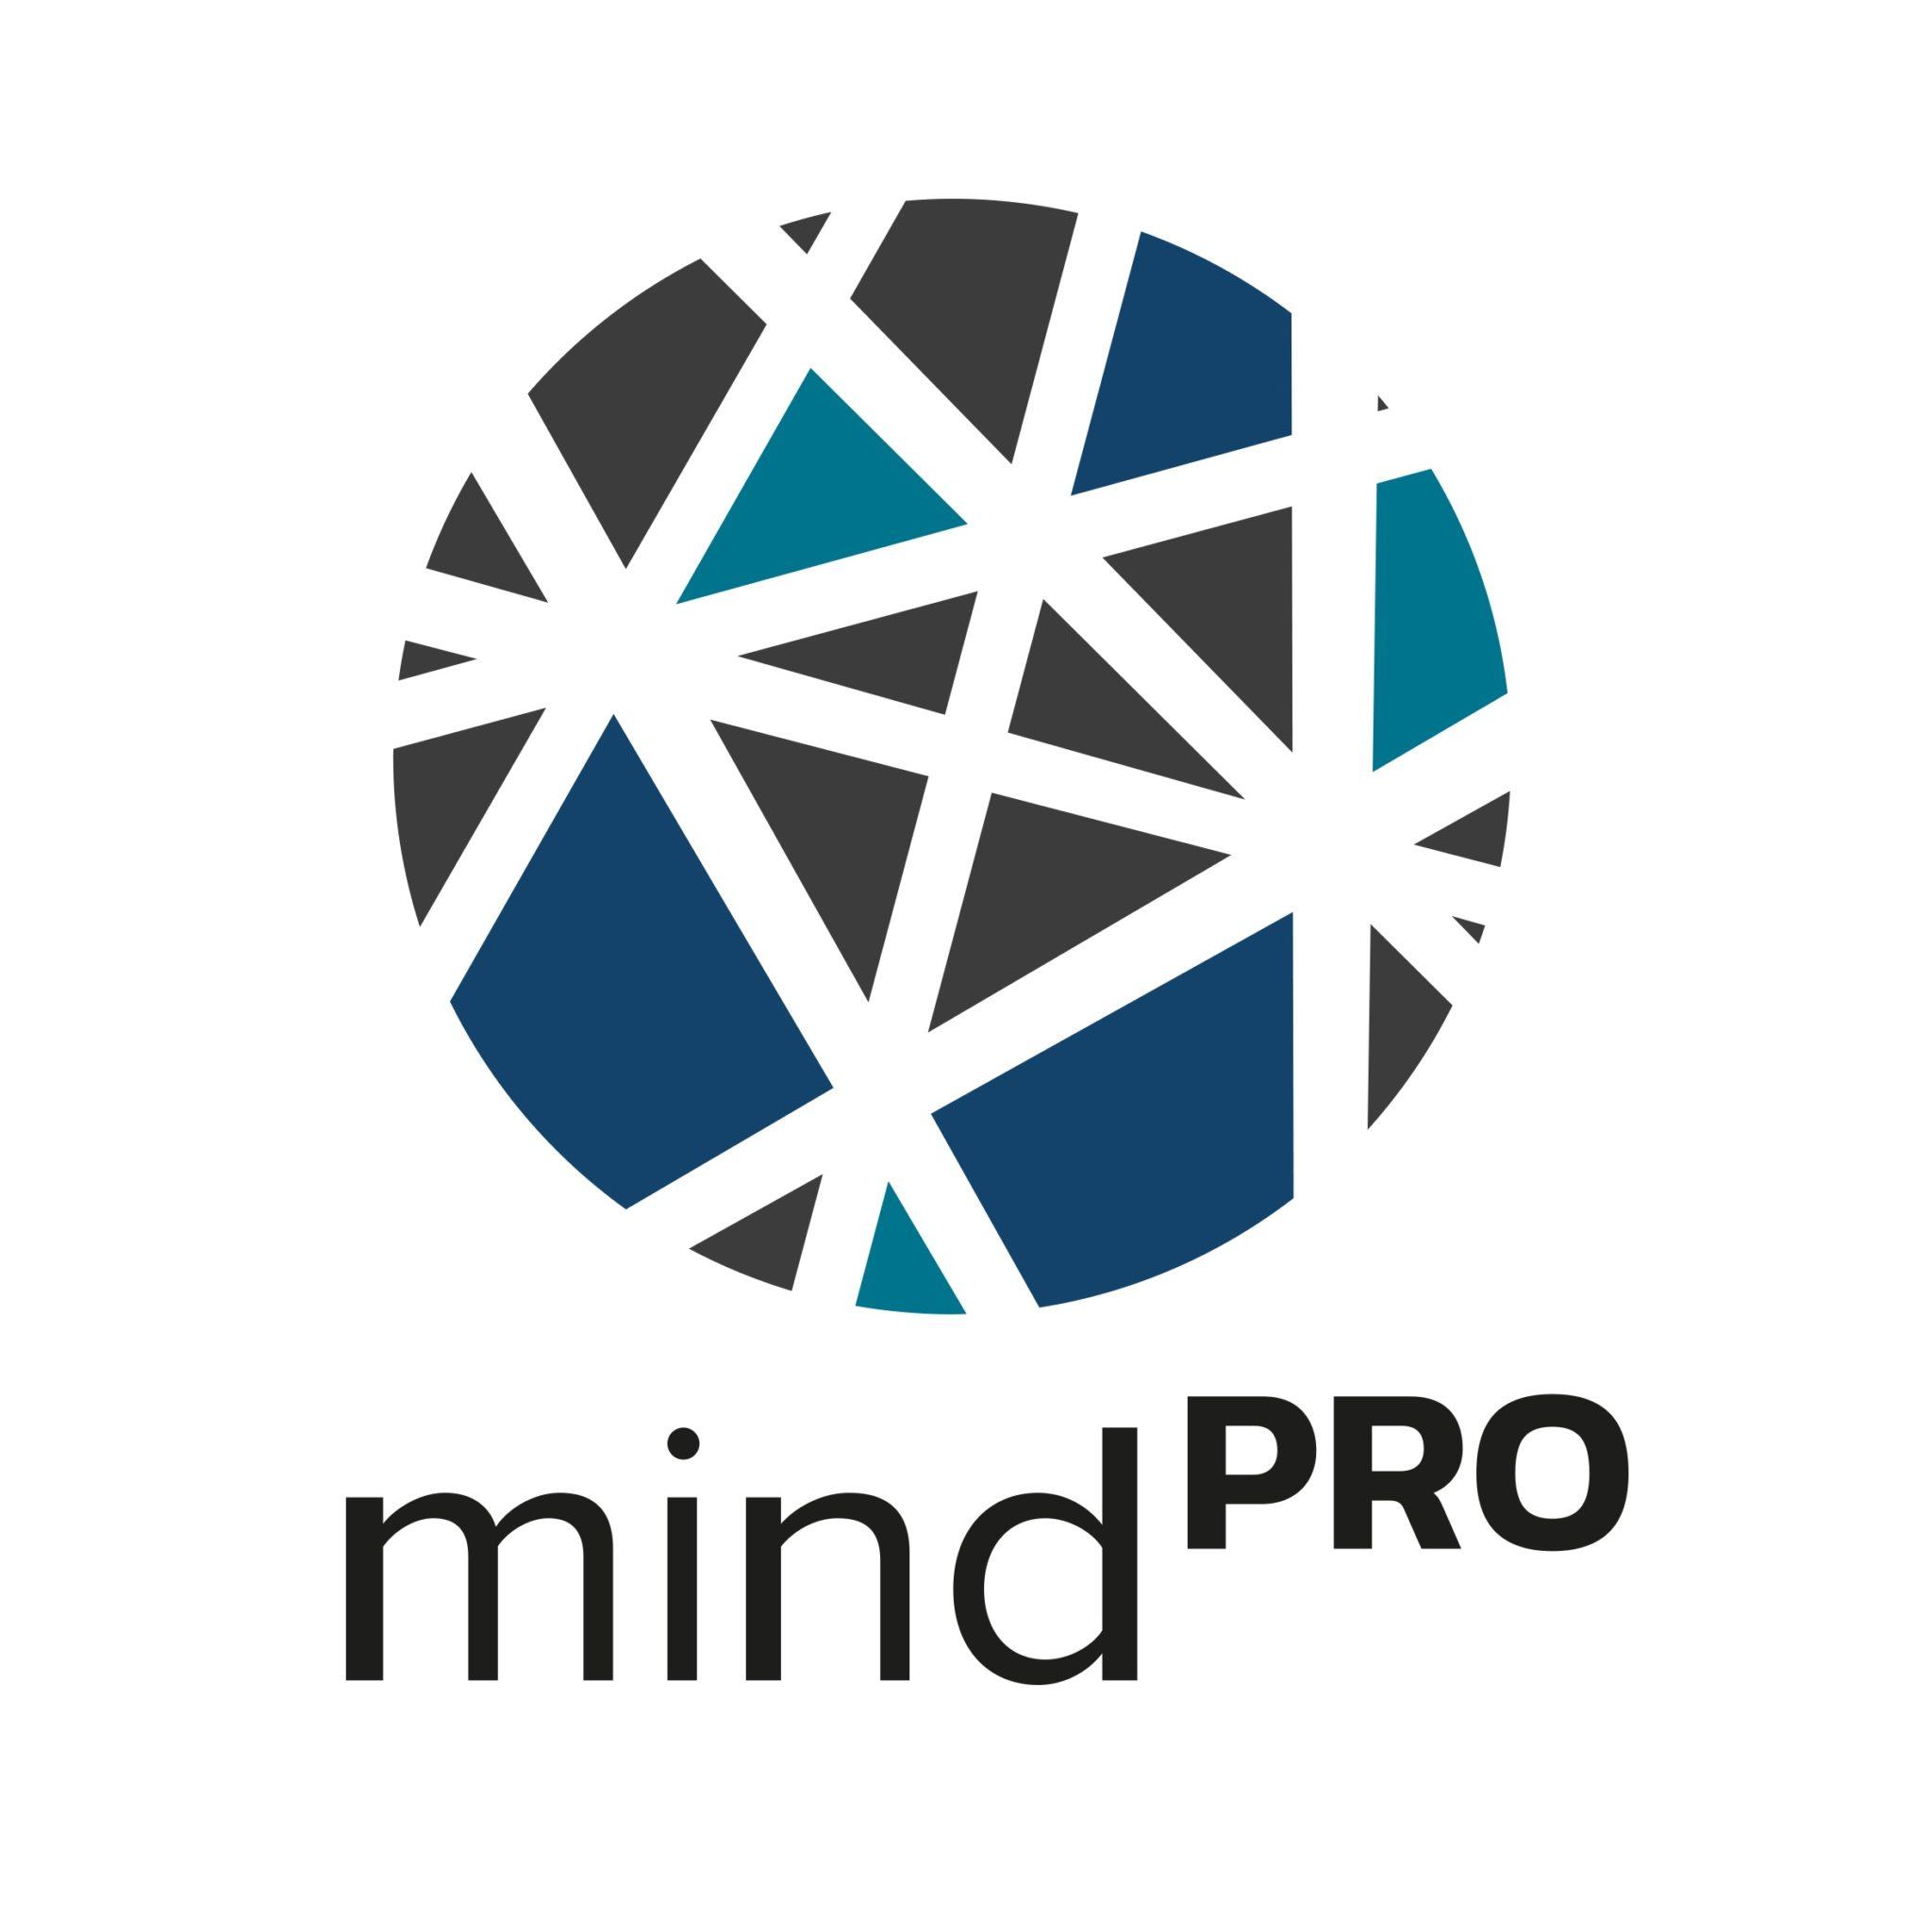 Mind Pro